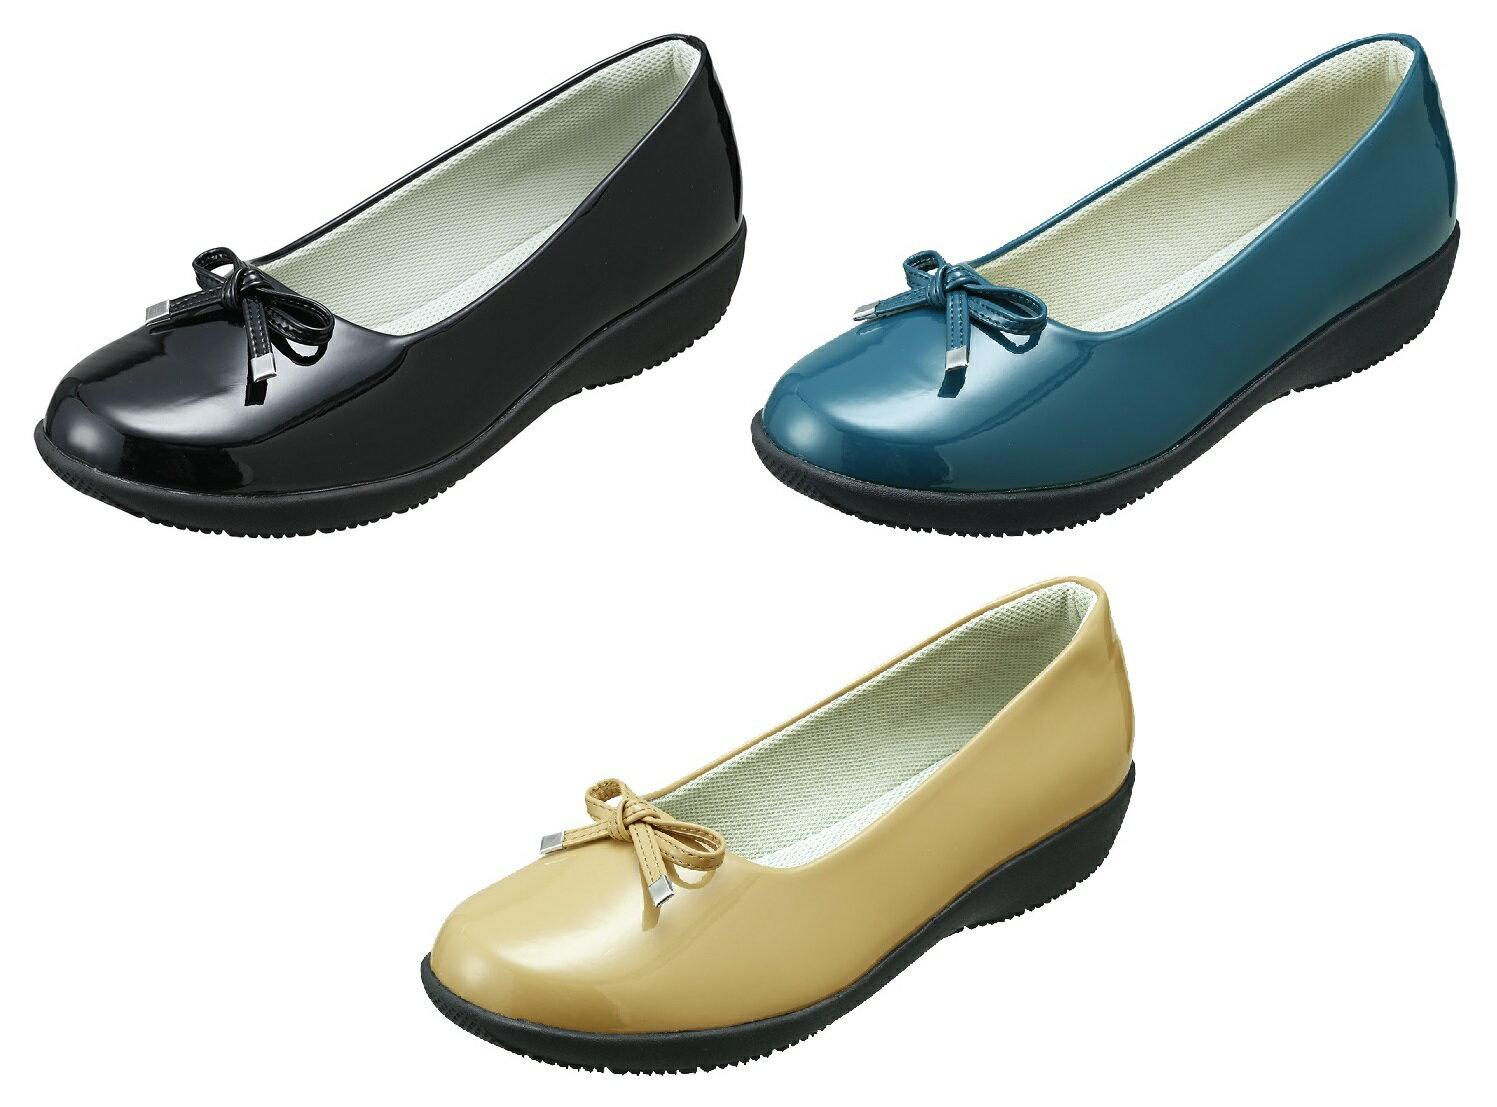 パンジー 靴 レインシューズ母の日婦人用 雨靴Pansy レディース防水設計 優しい足あたり4934